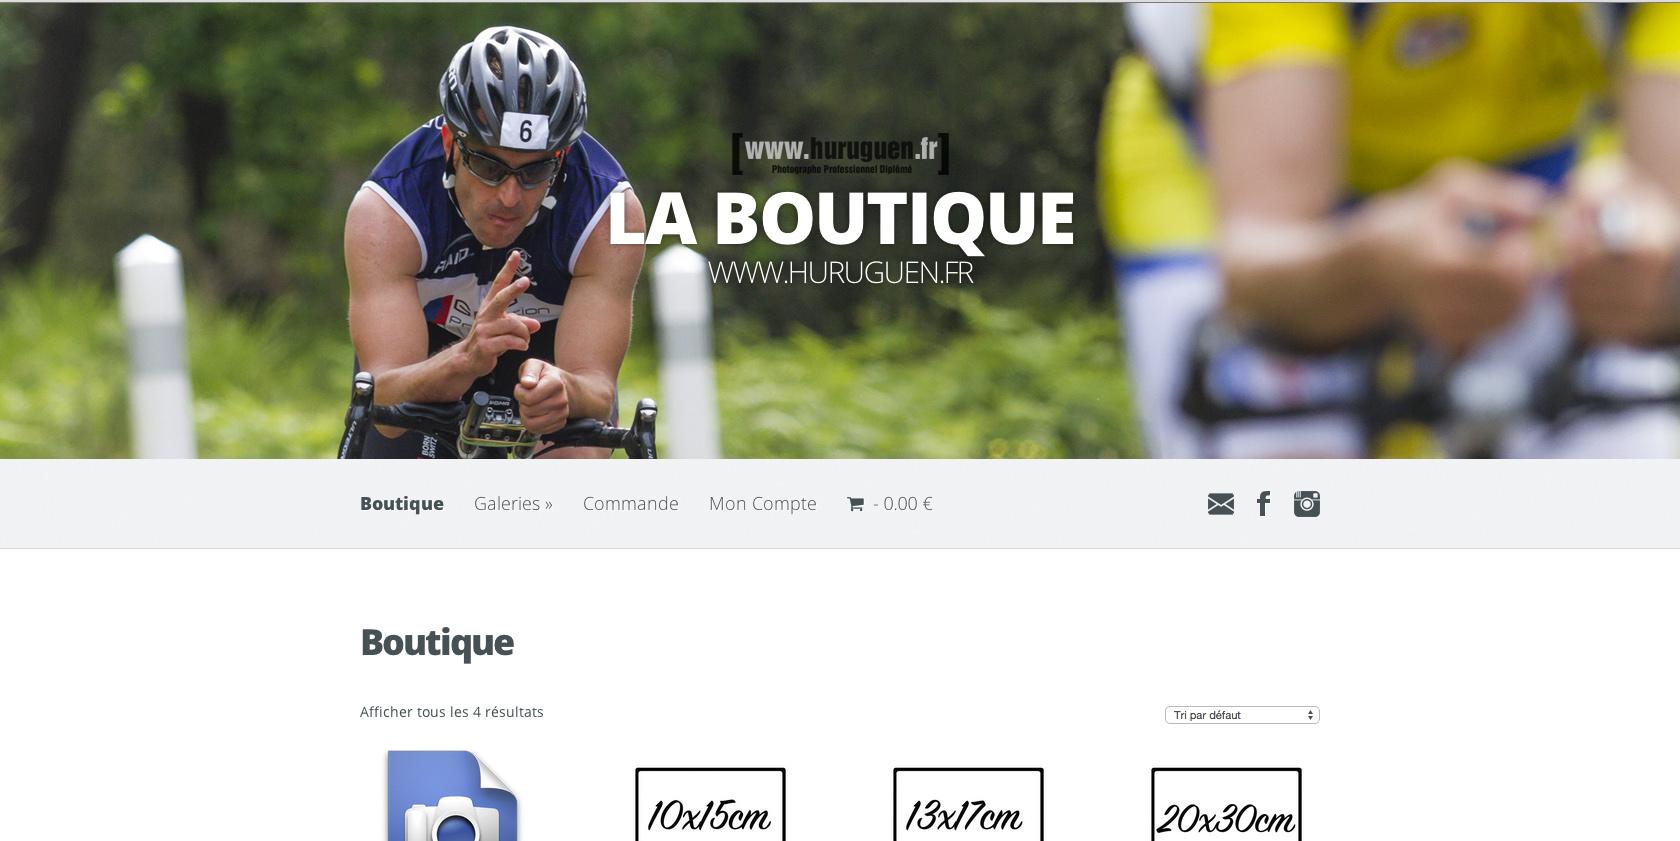 La boutique photographe professionnel a bordeaux for La boutique bordeaux